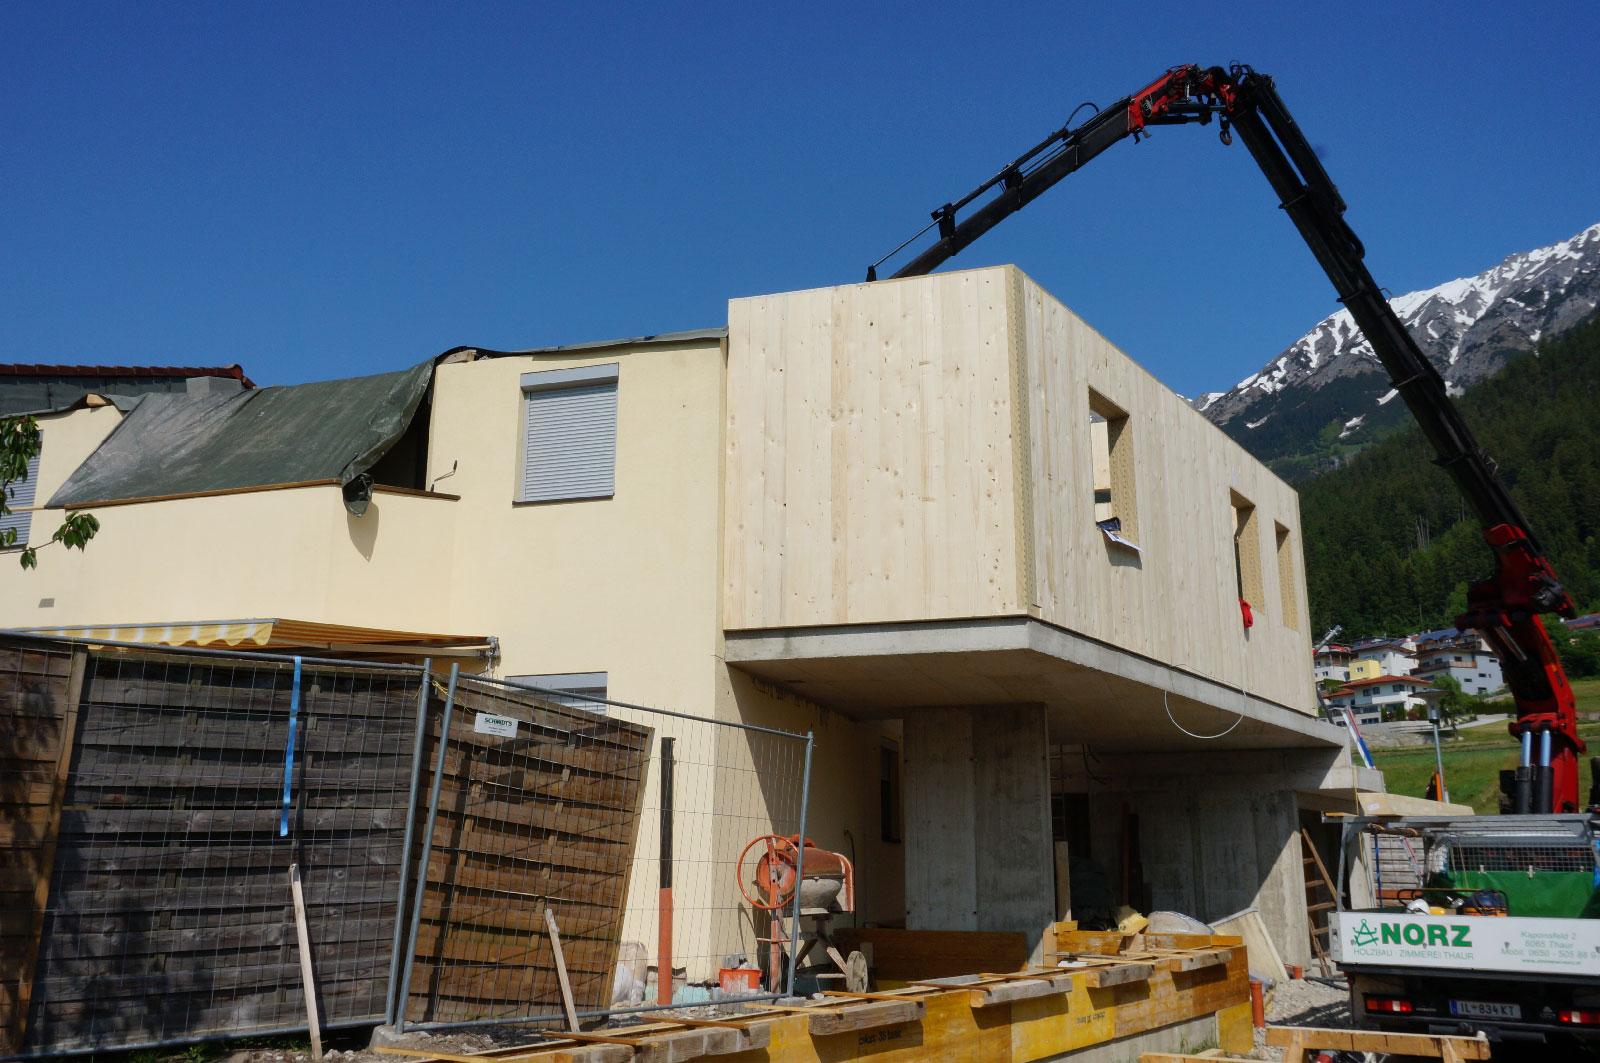 8-Zu-und-Umbau-Einfamilienhaus-mit-Vollholzwaenden-Holzbau-Zimmerei-Norz-2019.jpg